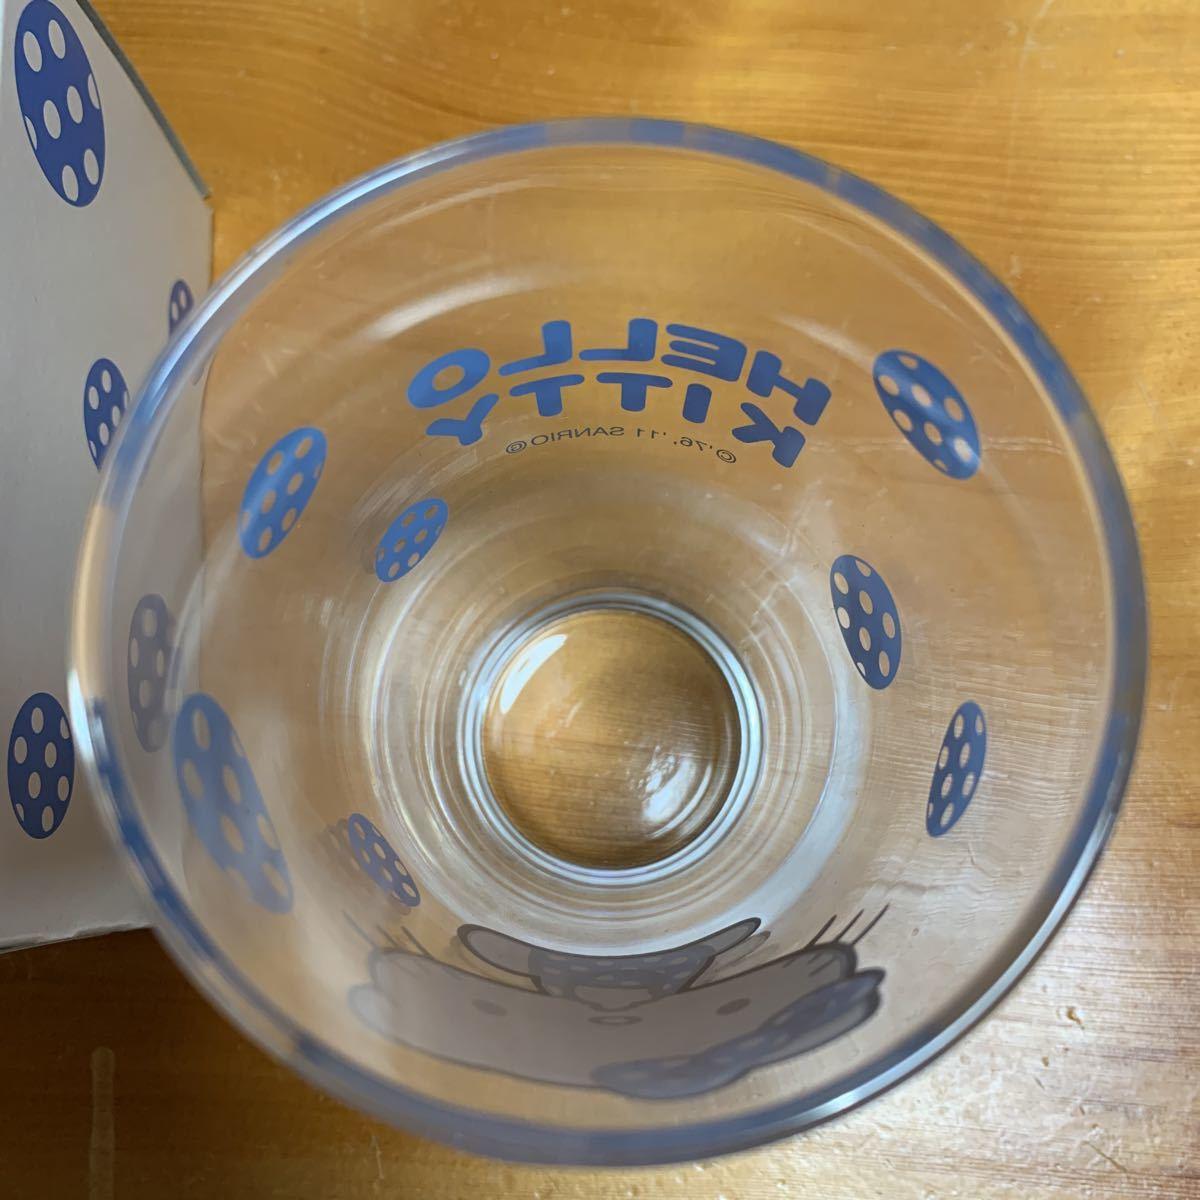 ハローキティ 清涼グラス 1個 洋服の青山 ノベルティ新品 未使用品 送料無料_画像5